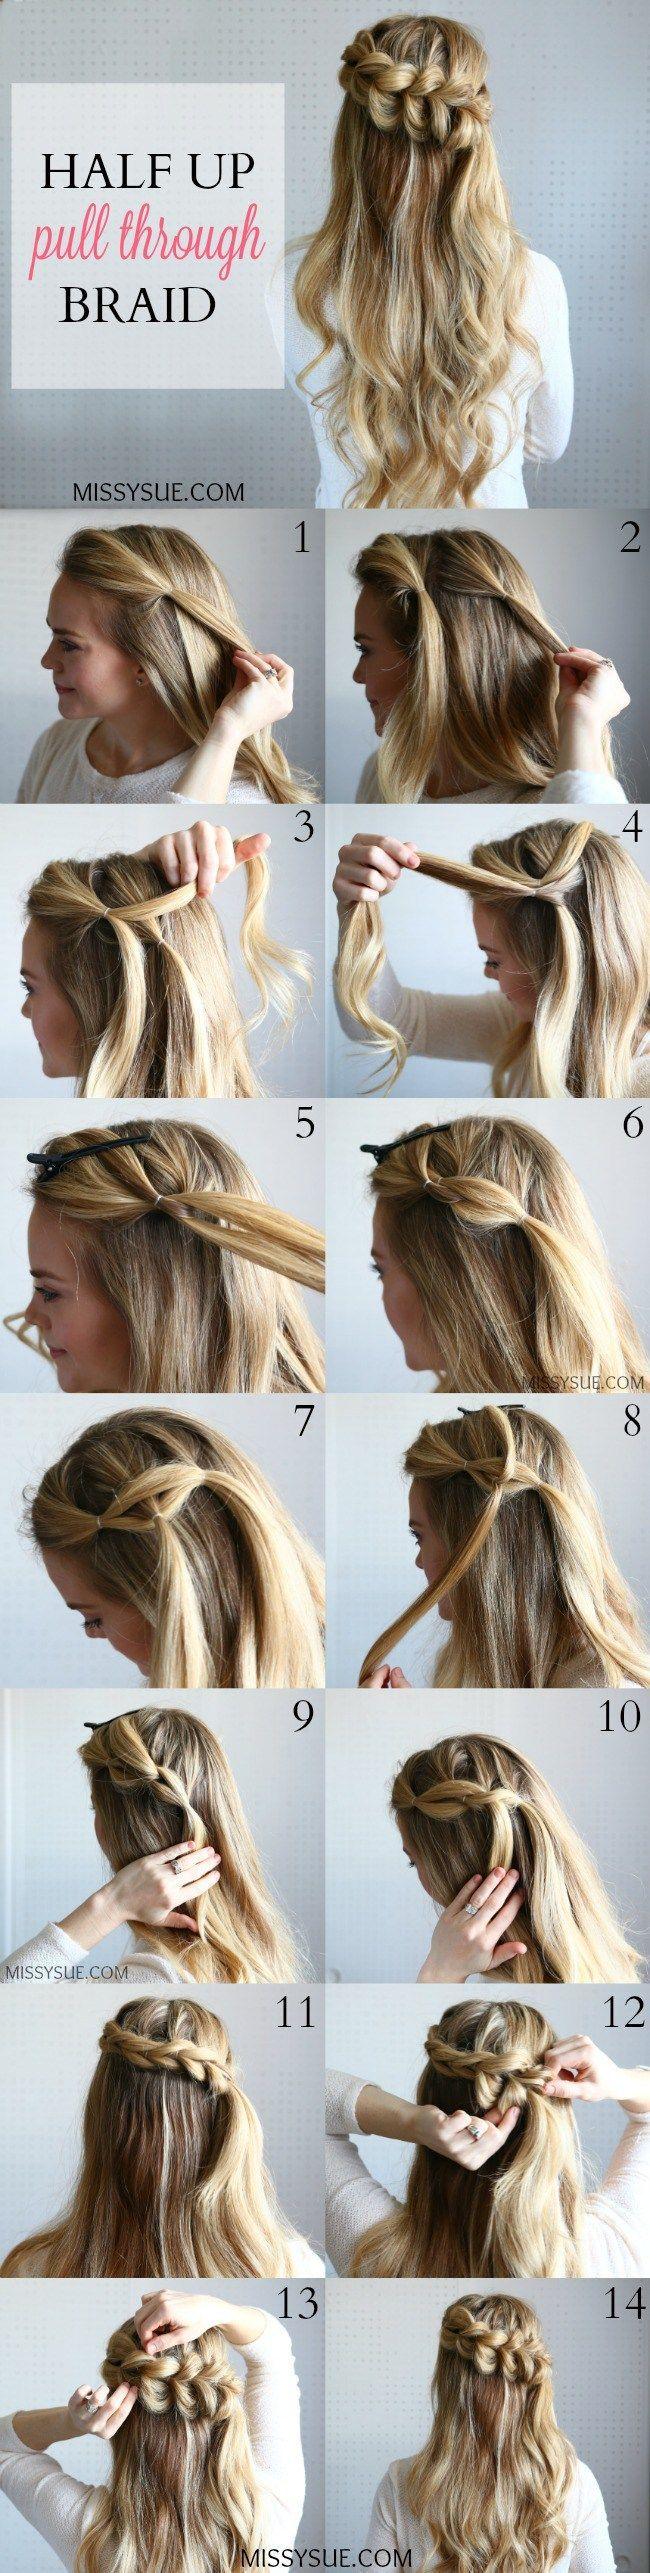 Una trenza muy chic y bonita para cualquier ocasión hairstyle